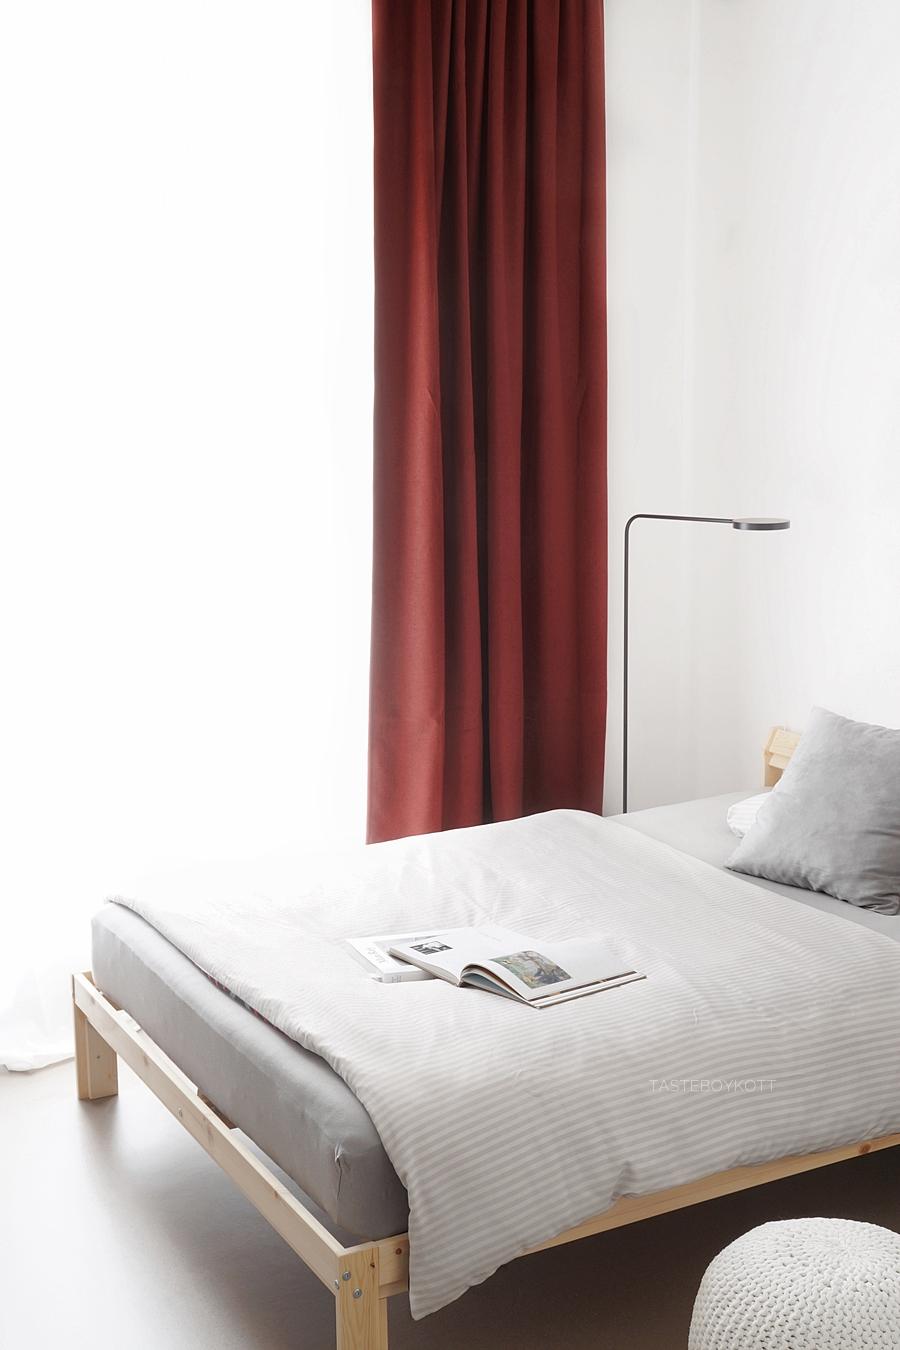 Schlafzimmer modern skandinavisch schlicht grau weiß mit Holzbett von Ikea, schwarzer Stehleuchte, Vorhang und Kissen. Wohnheimzimmer einrichten Tipps und Wohnideen Tasteboykott.